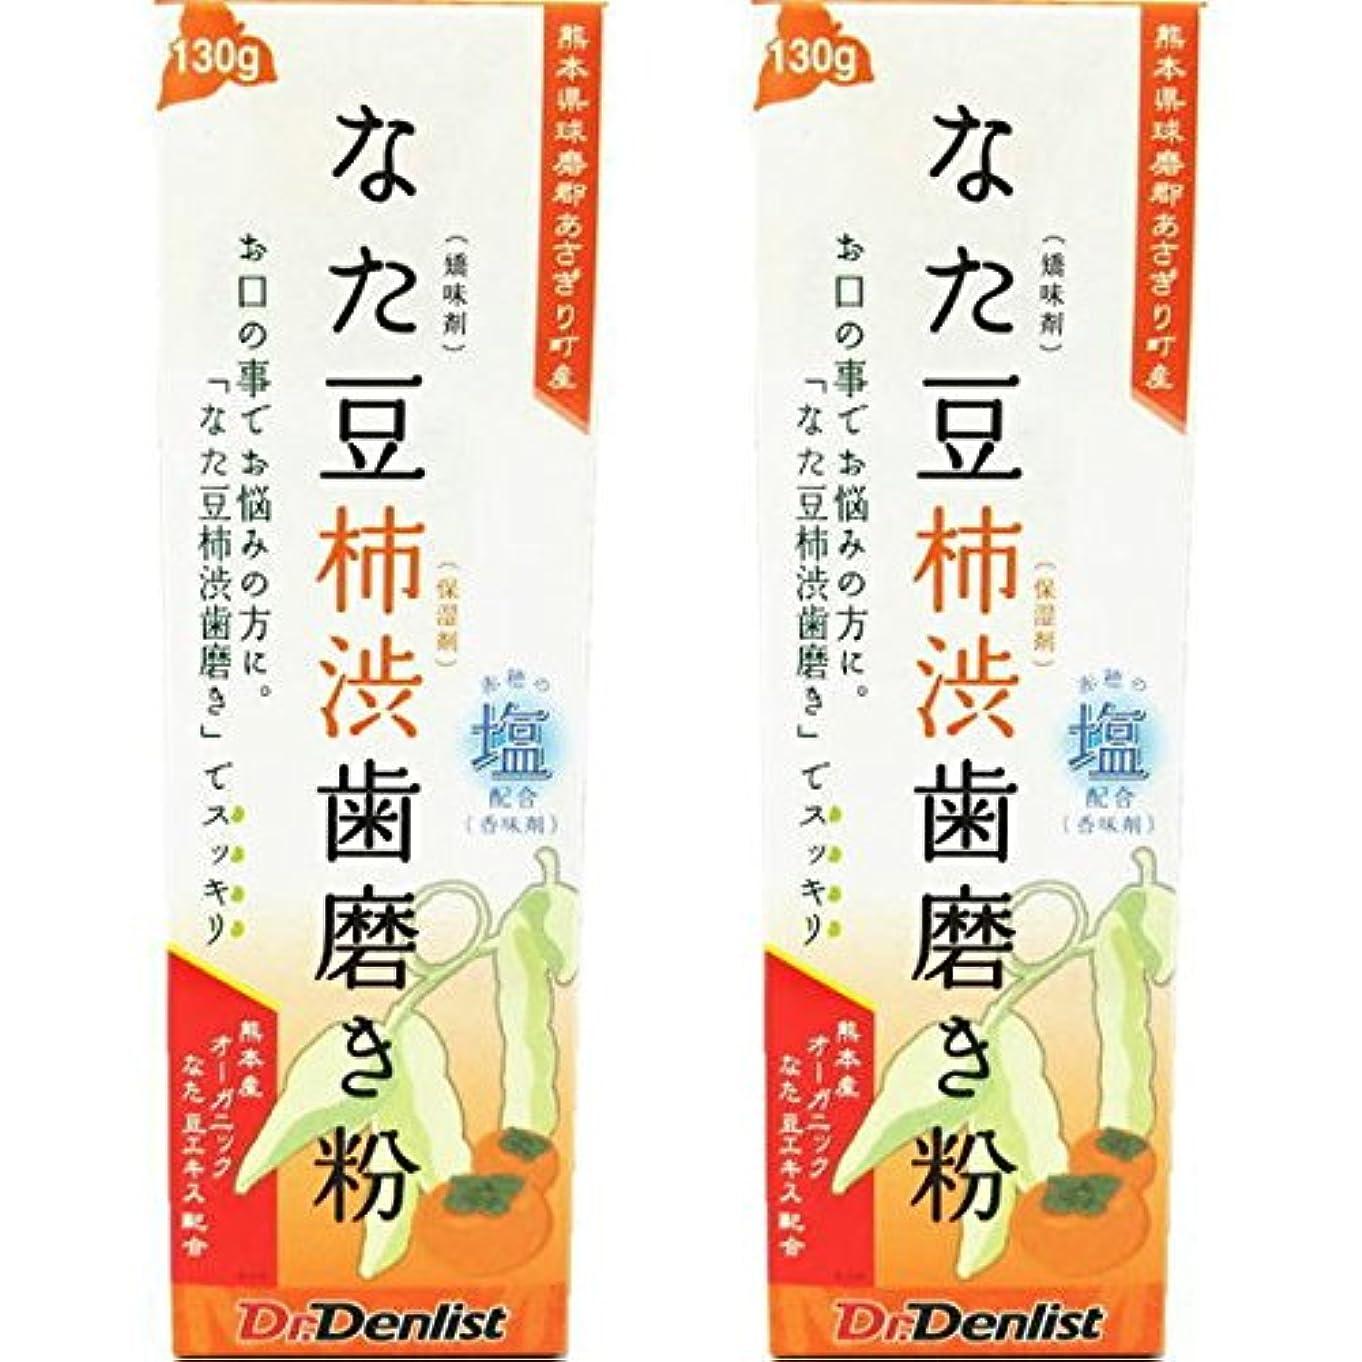 主権者億安定しましたなた豆柿渋歯磨き 130g 2個セット 国産 有機なた豆使用 赤穂の塩配合(香味剤)